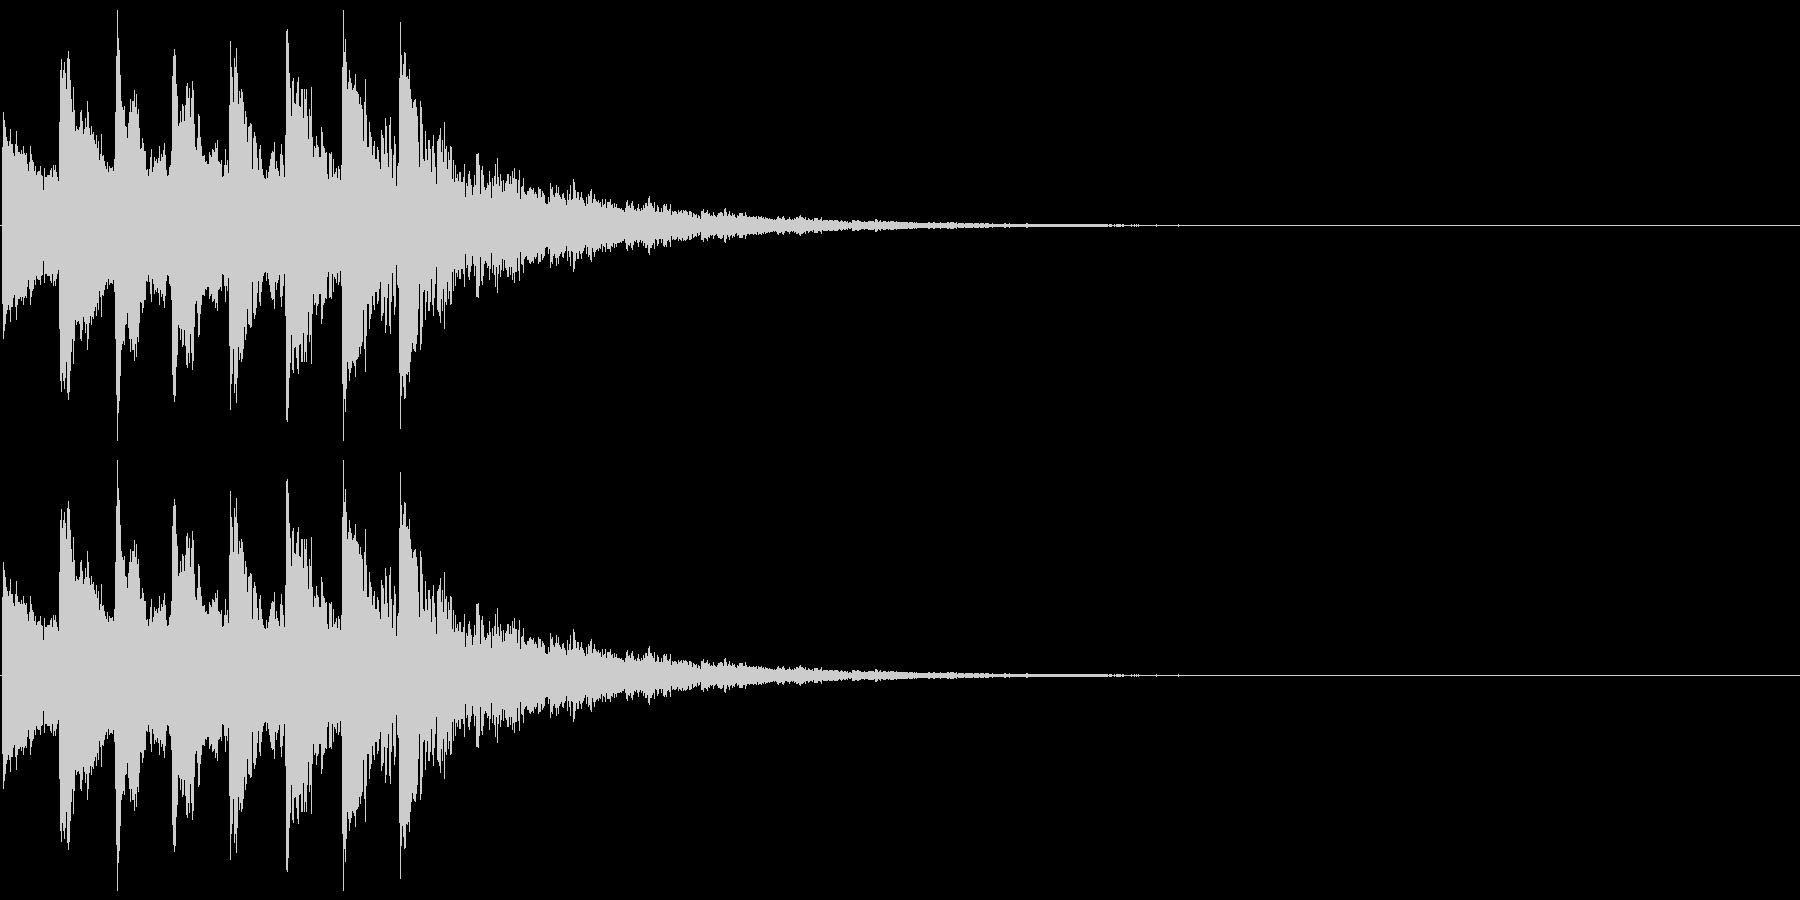 アニメにありそうなひらめき音の未再生の波形